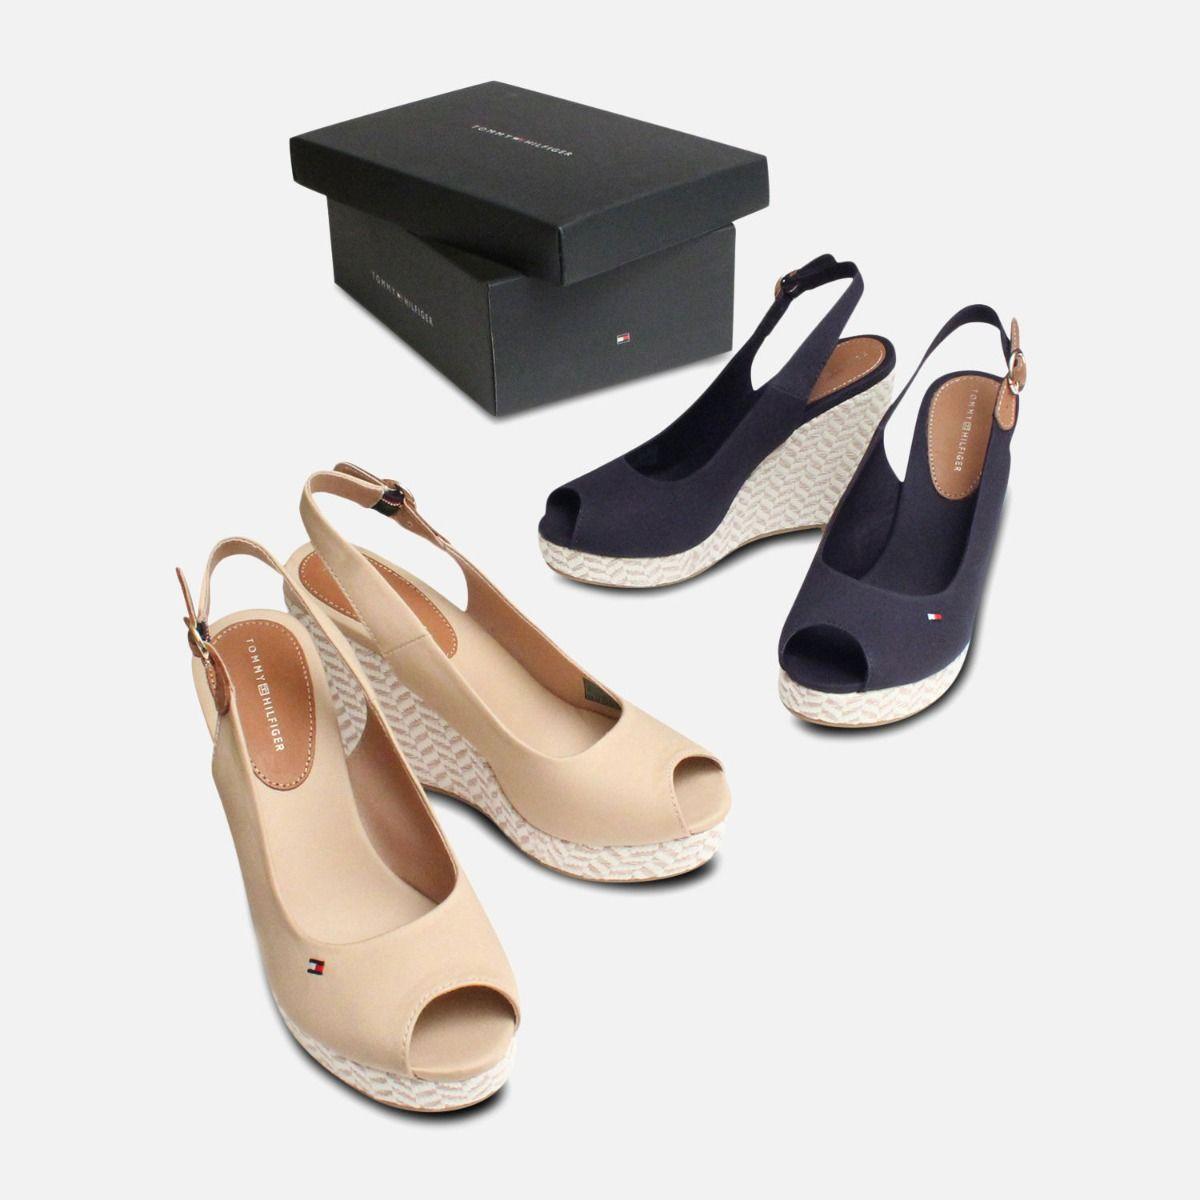 Tommy Hilfiger Elena Platform Sand Wedge Sandals